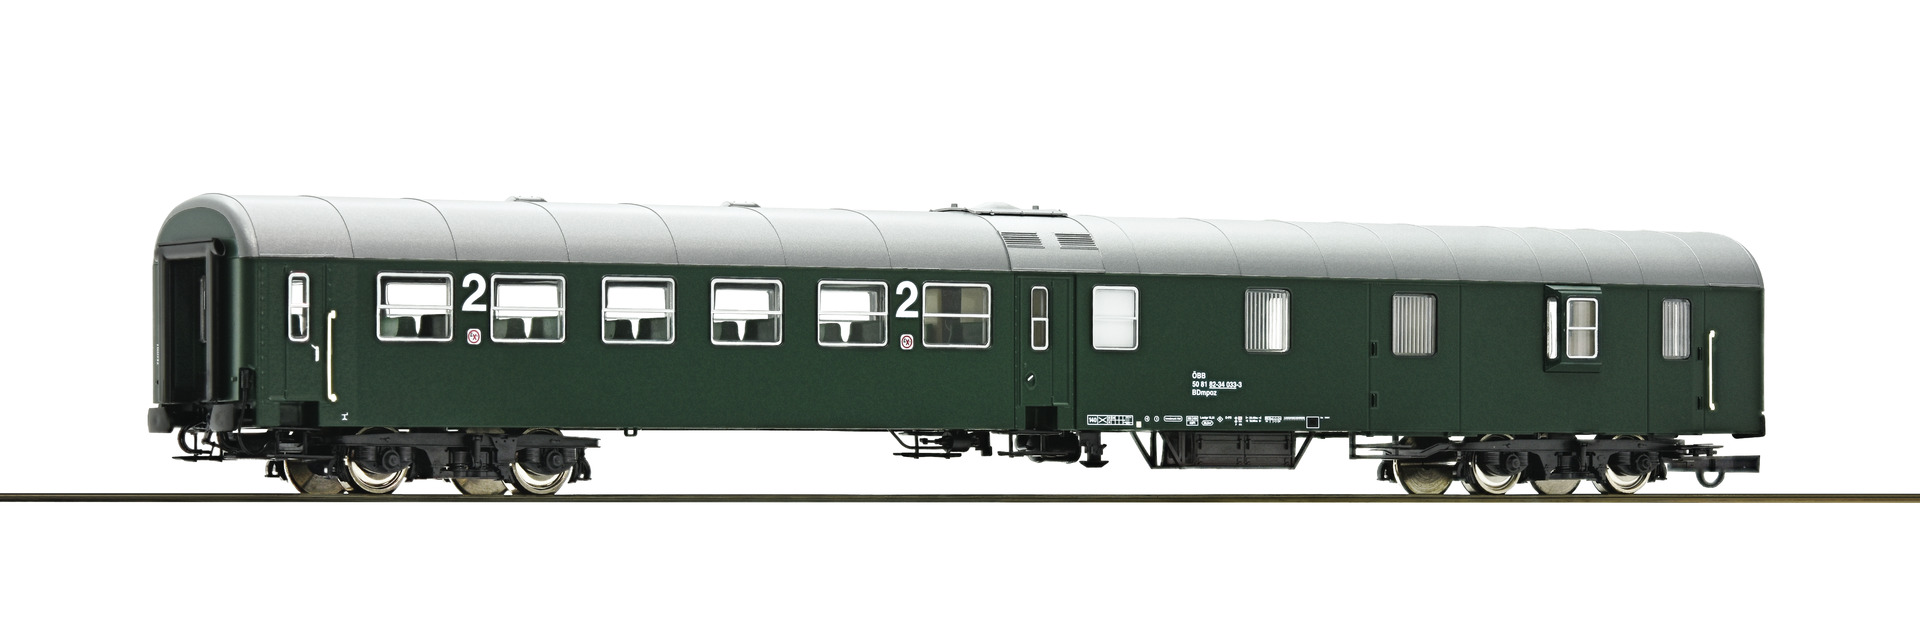 Roco64670 OBB class2+baggage